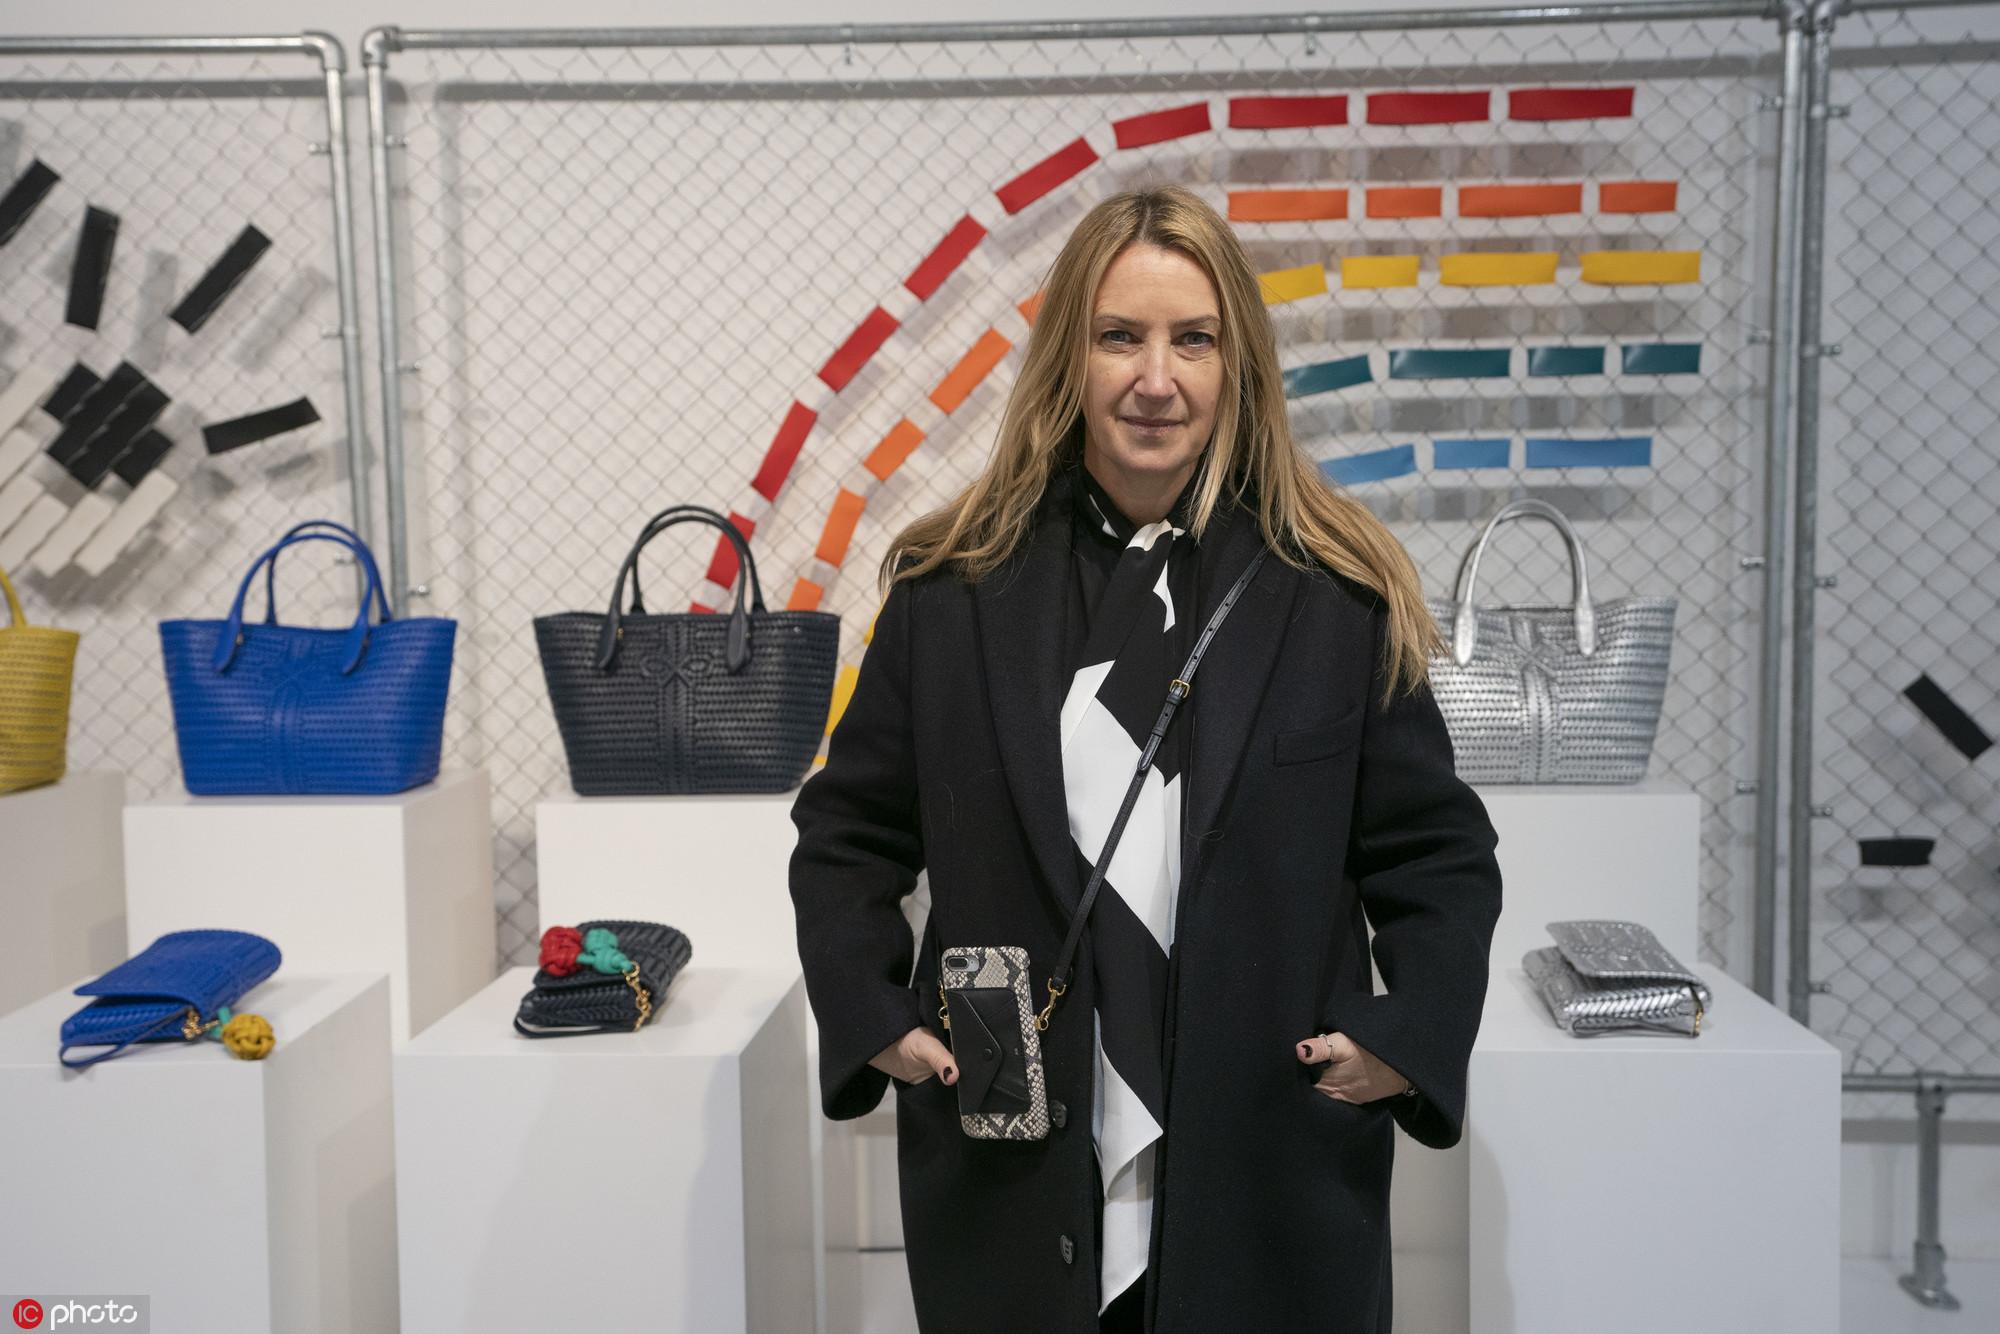 英国设计师品牌 Anya Hindmarch 未来将关闭更多门店,继续数字化转型之路